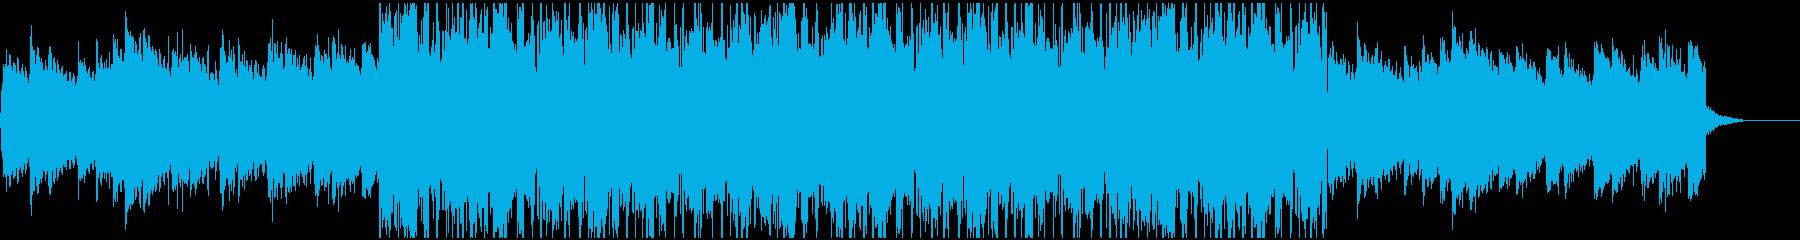 メロウでチルなR&Bの再生済みの波形